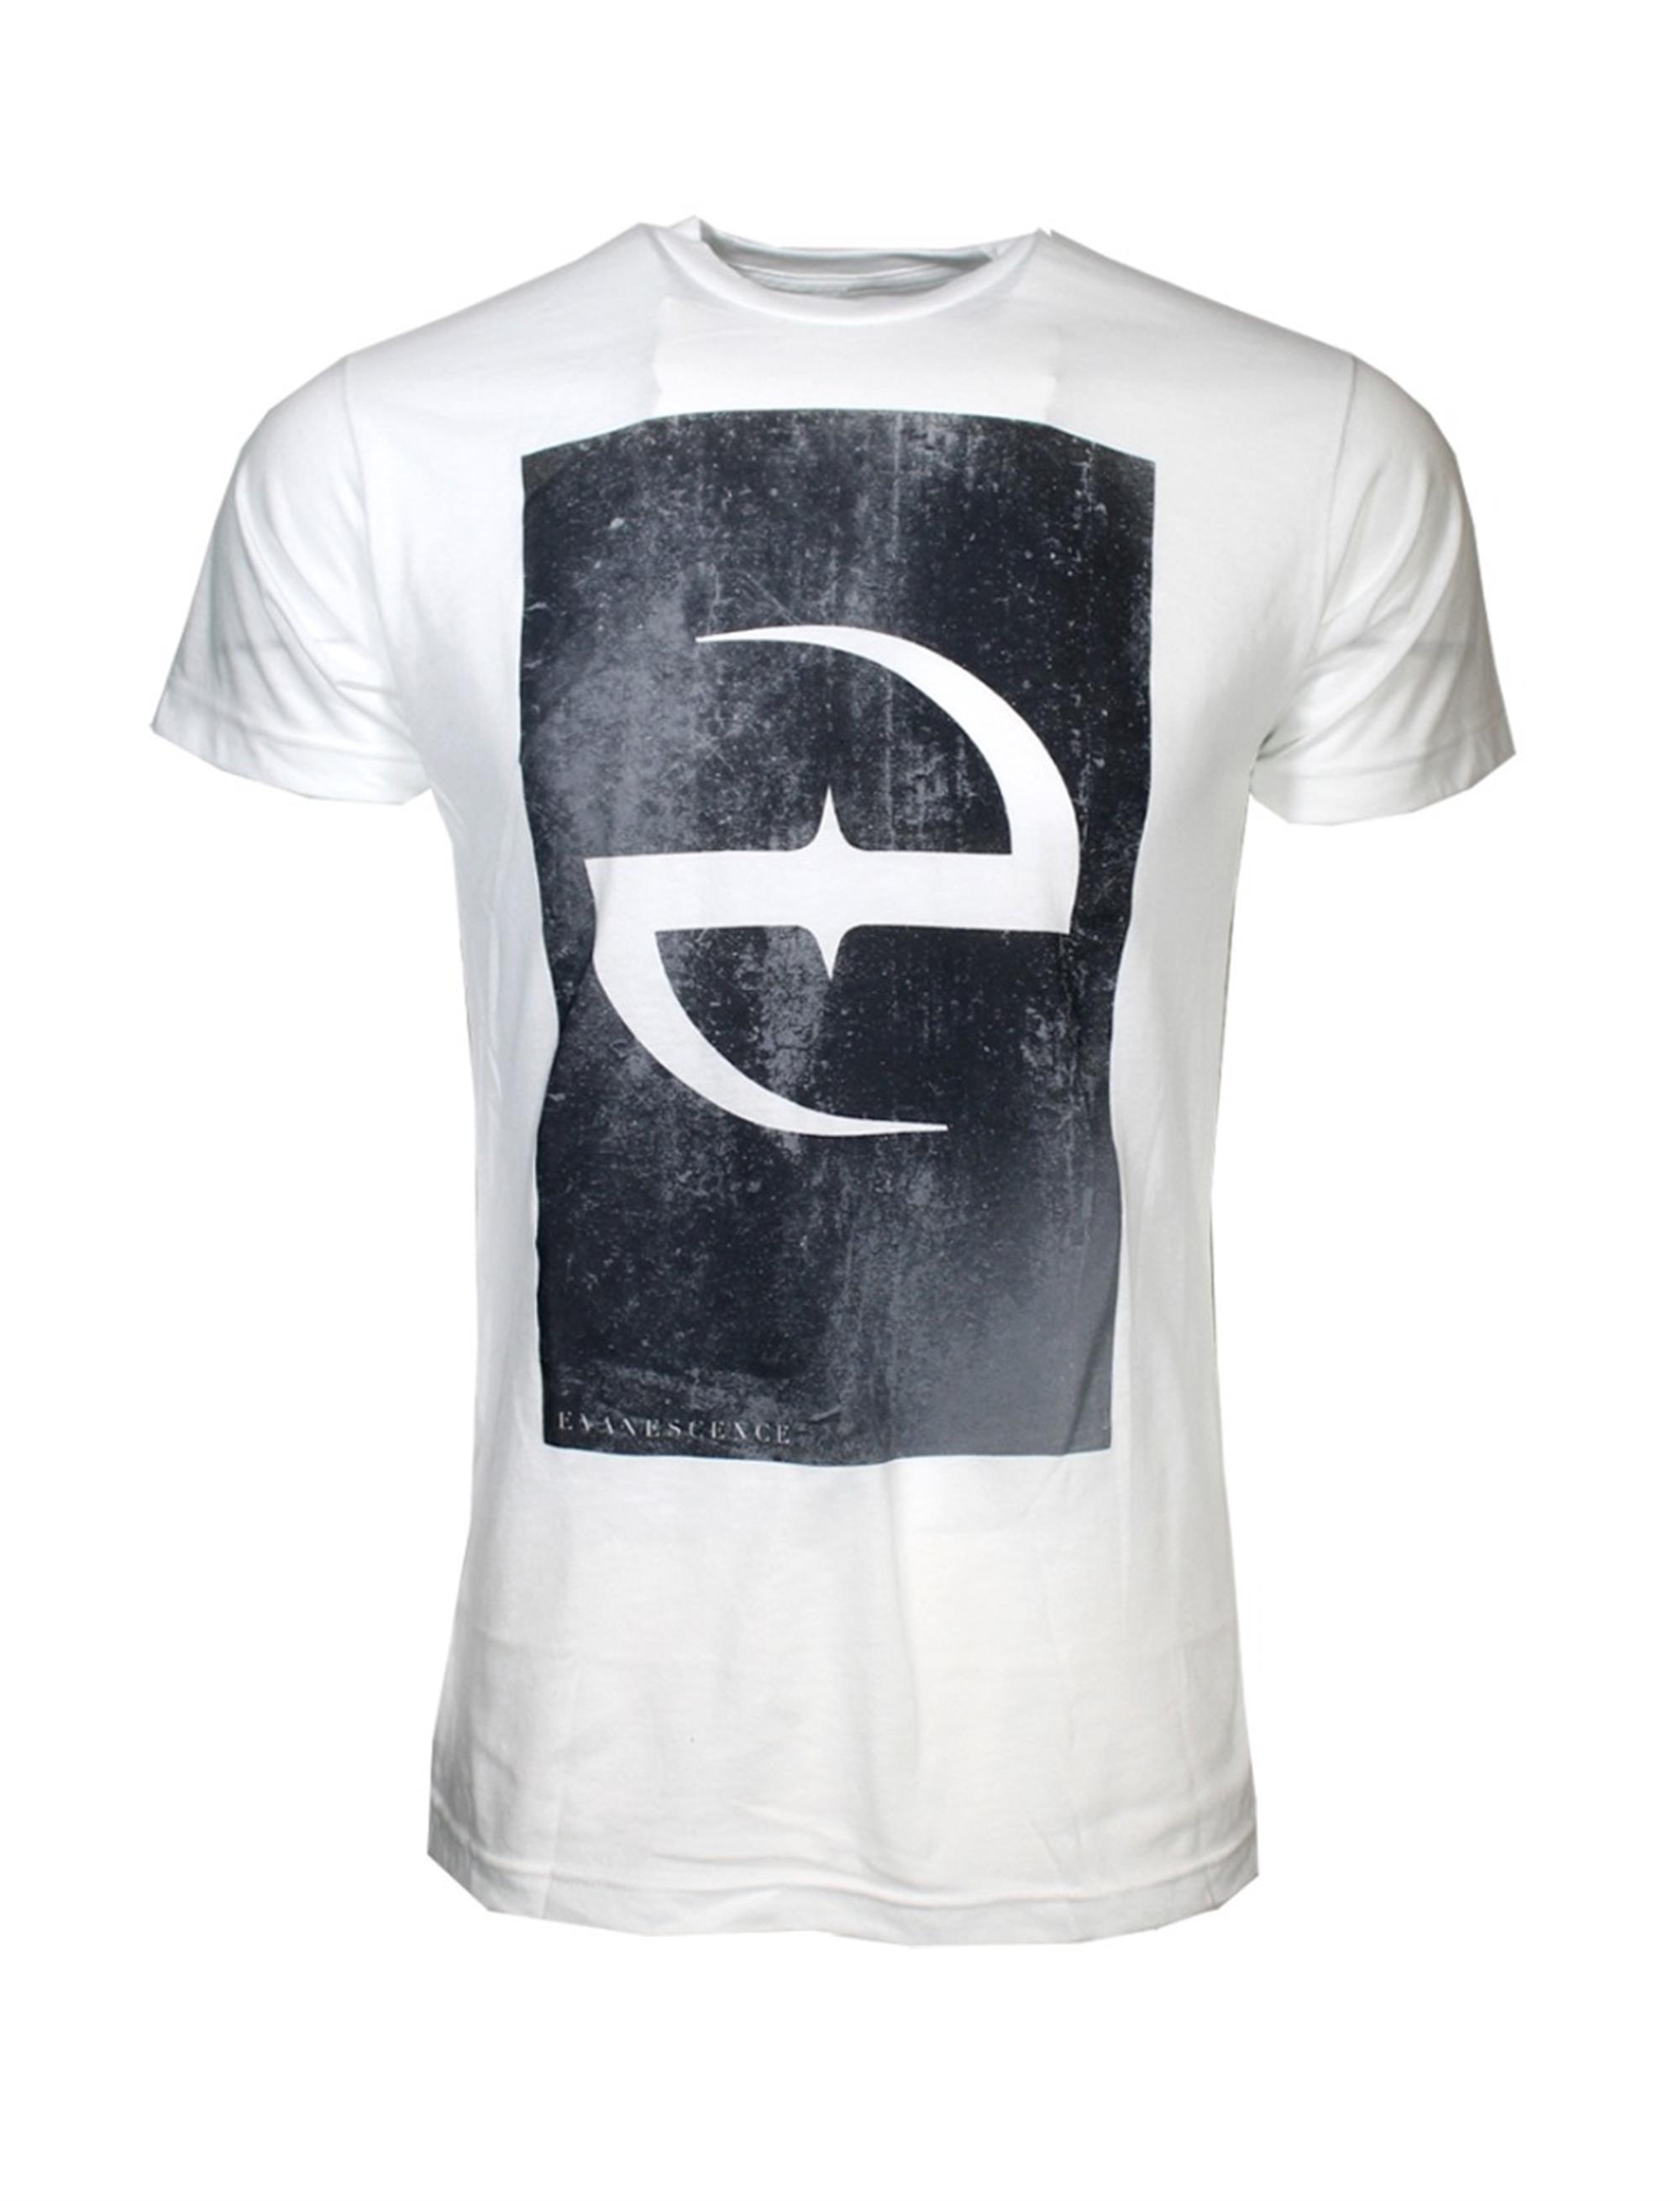 Evanescence Faded E T-Shirt